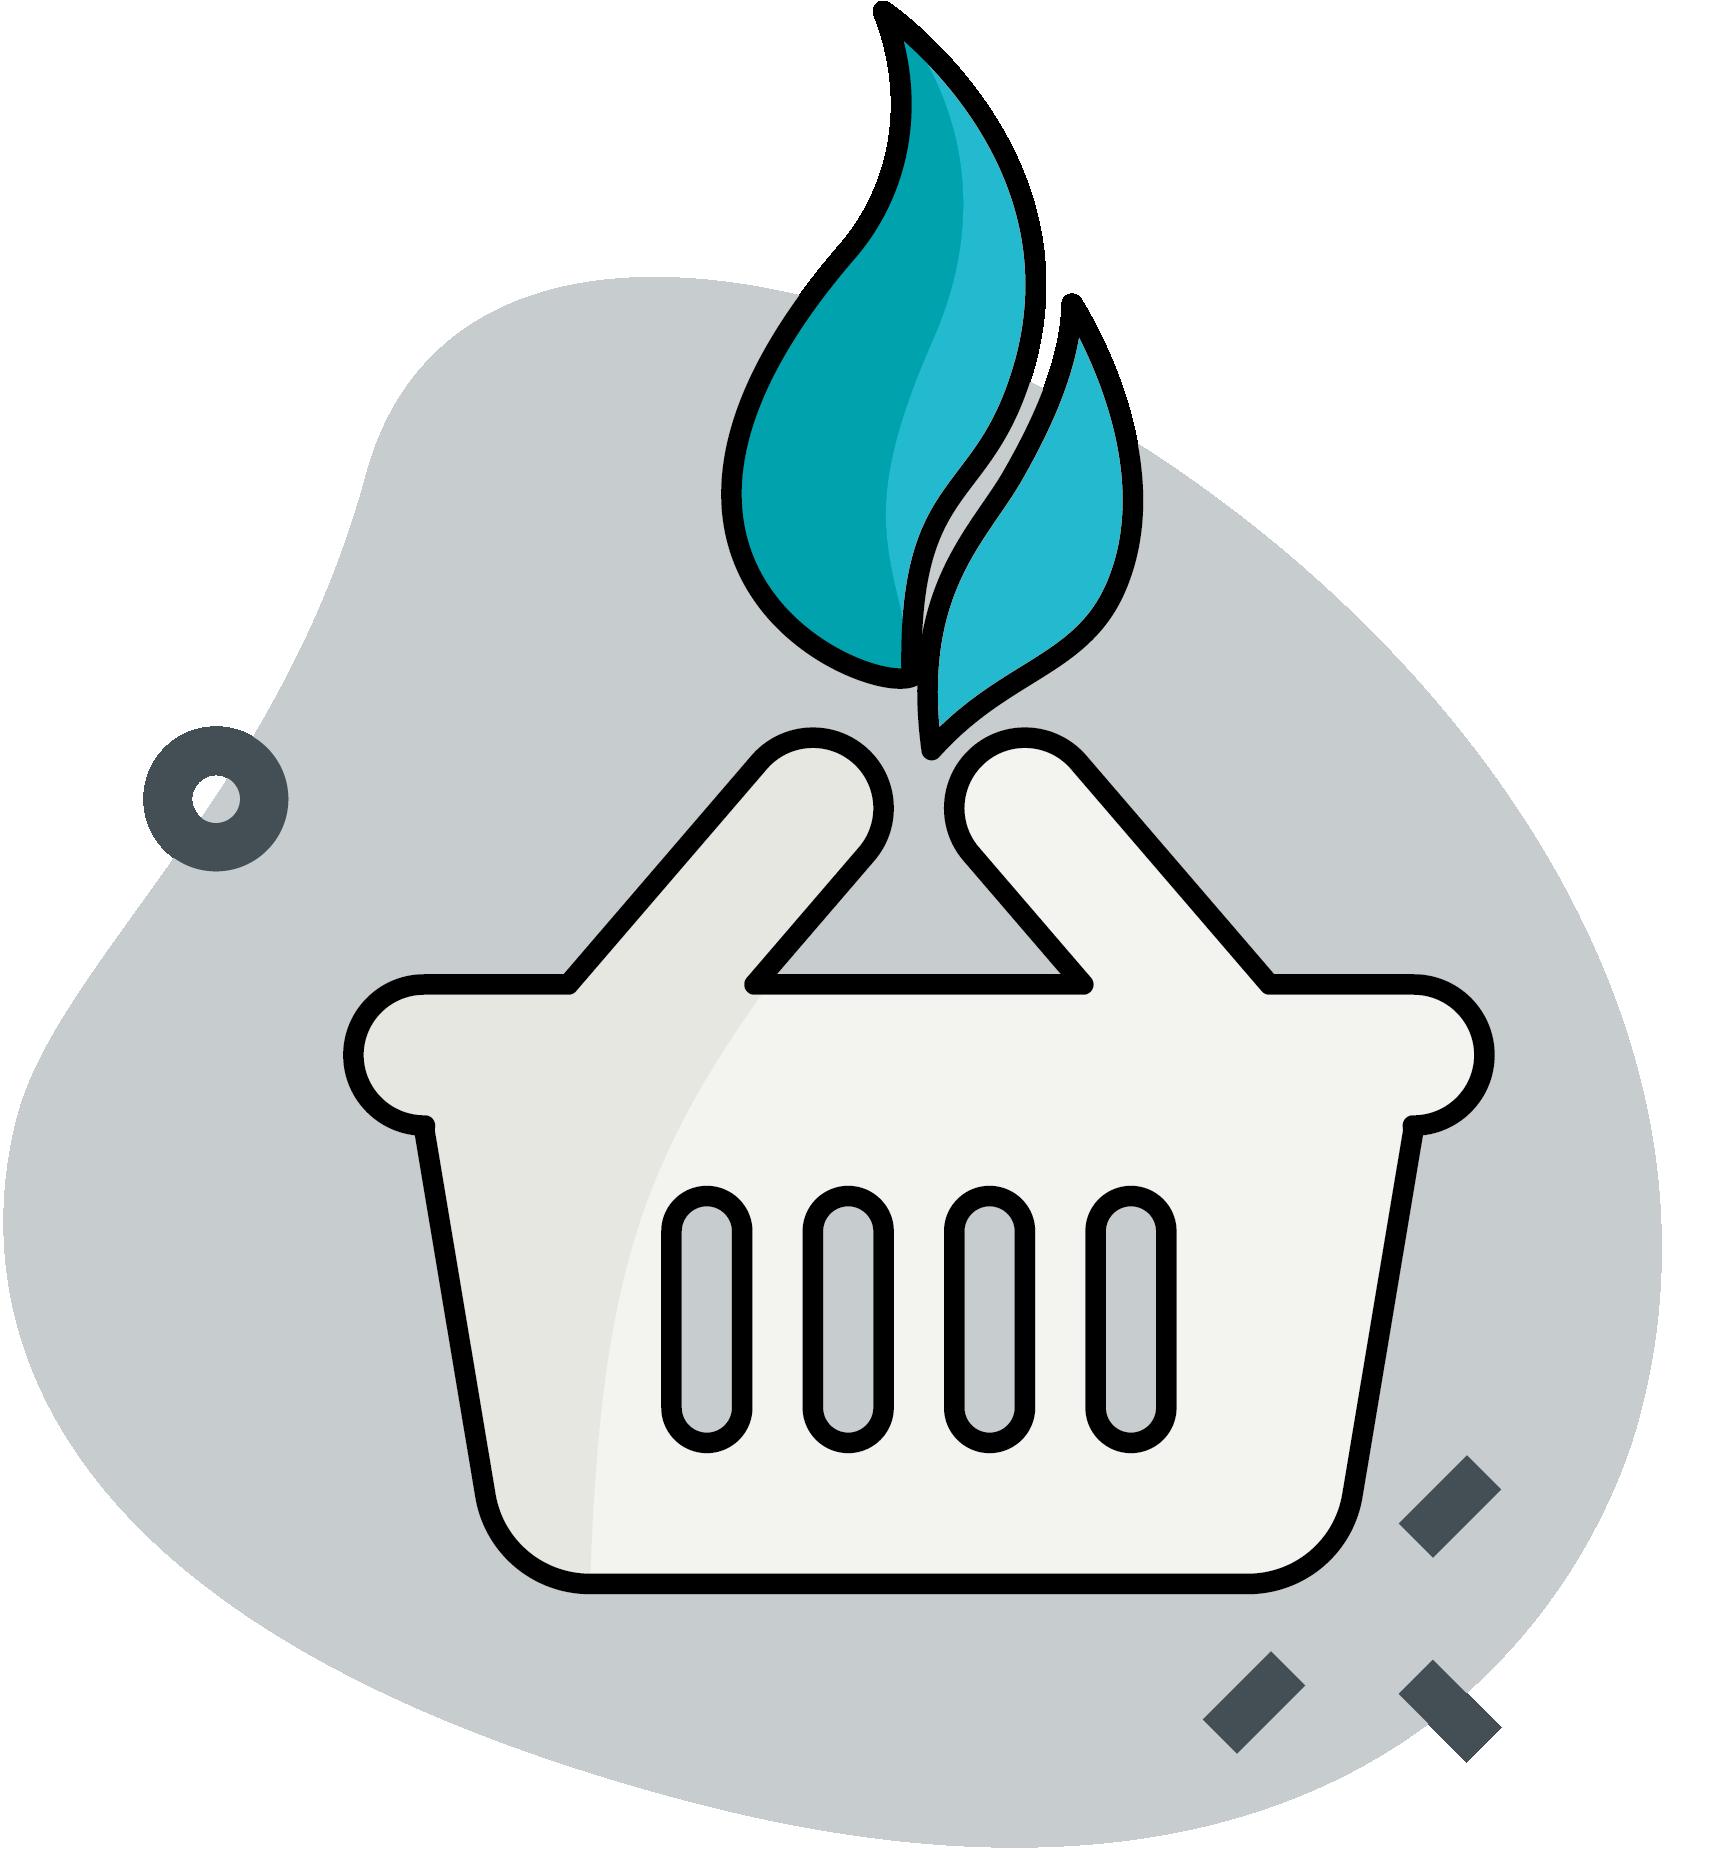 Fourniture de gaz naturel pour vos bâtiments publics : rejoignez le groupement de commandes de TE38